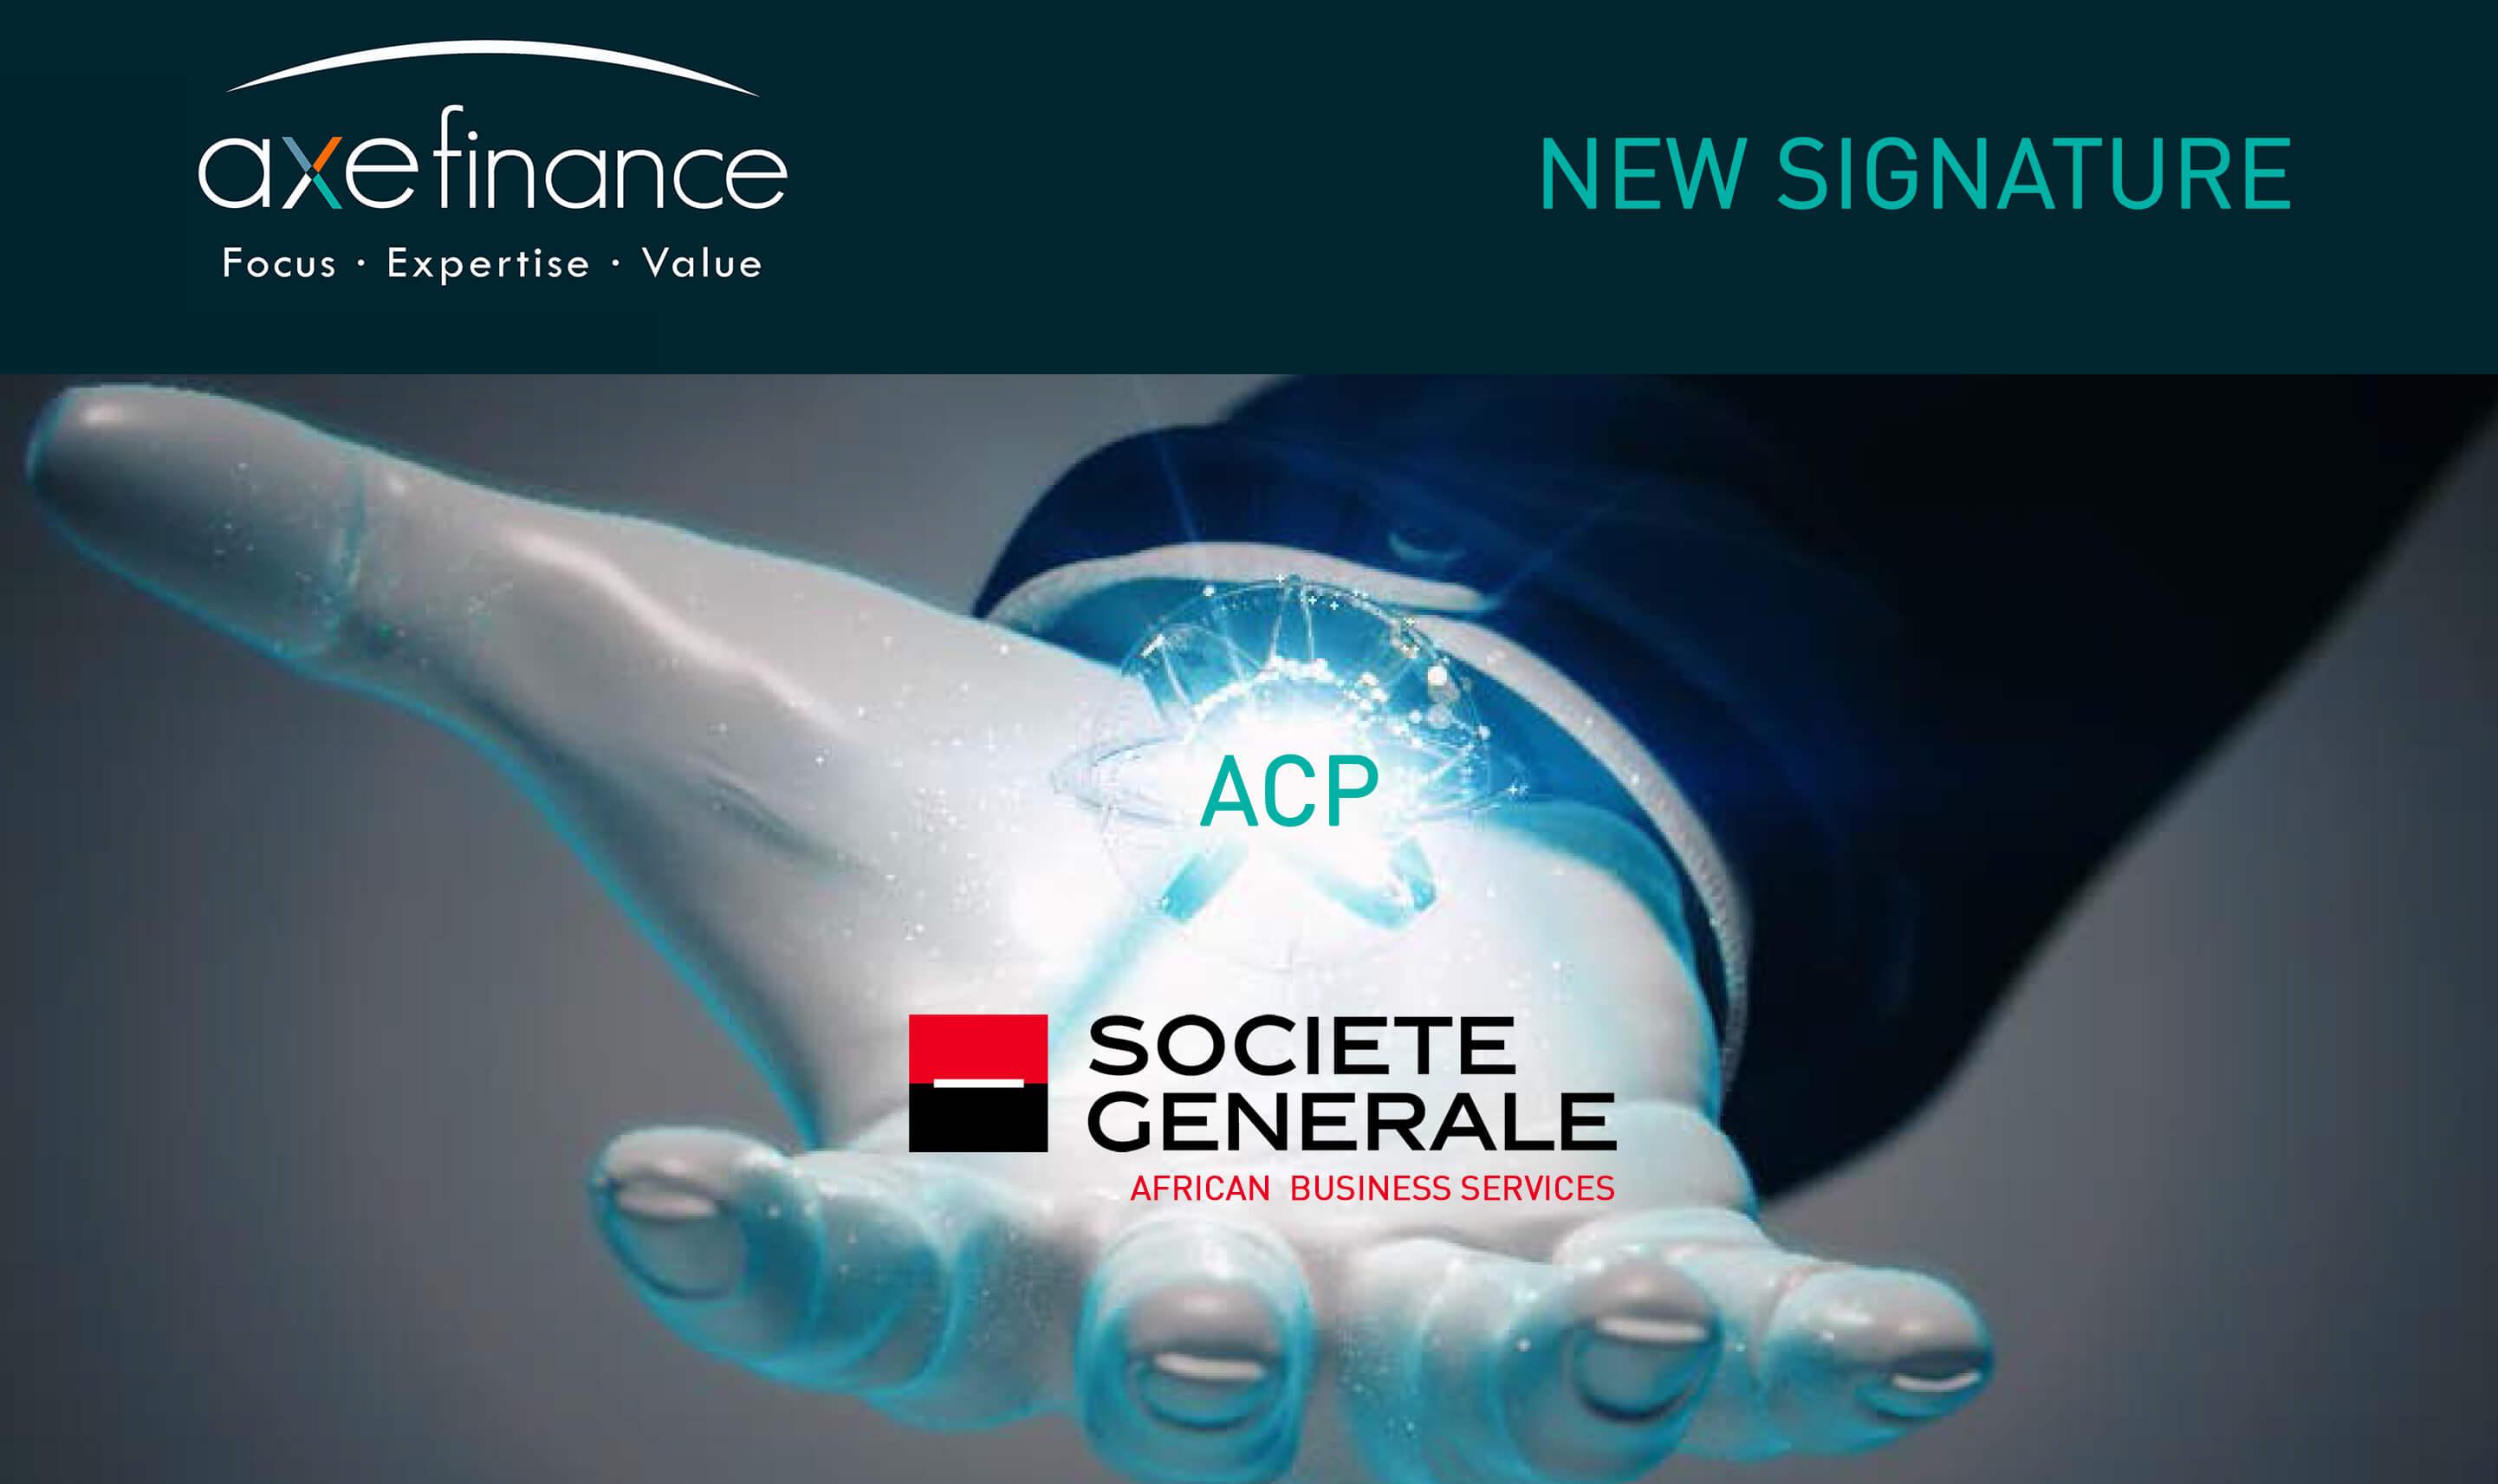 société générale axefinance signature